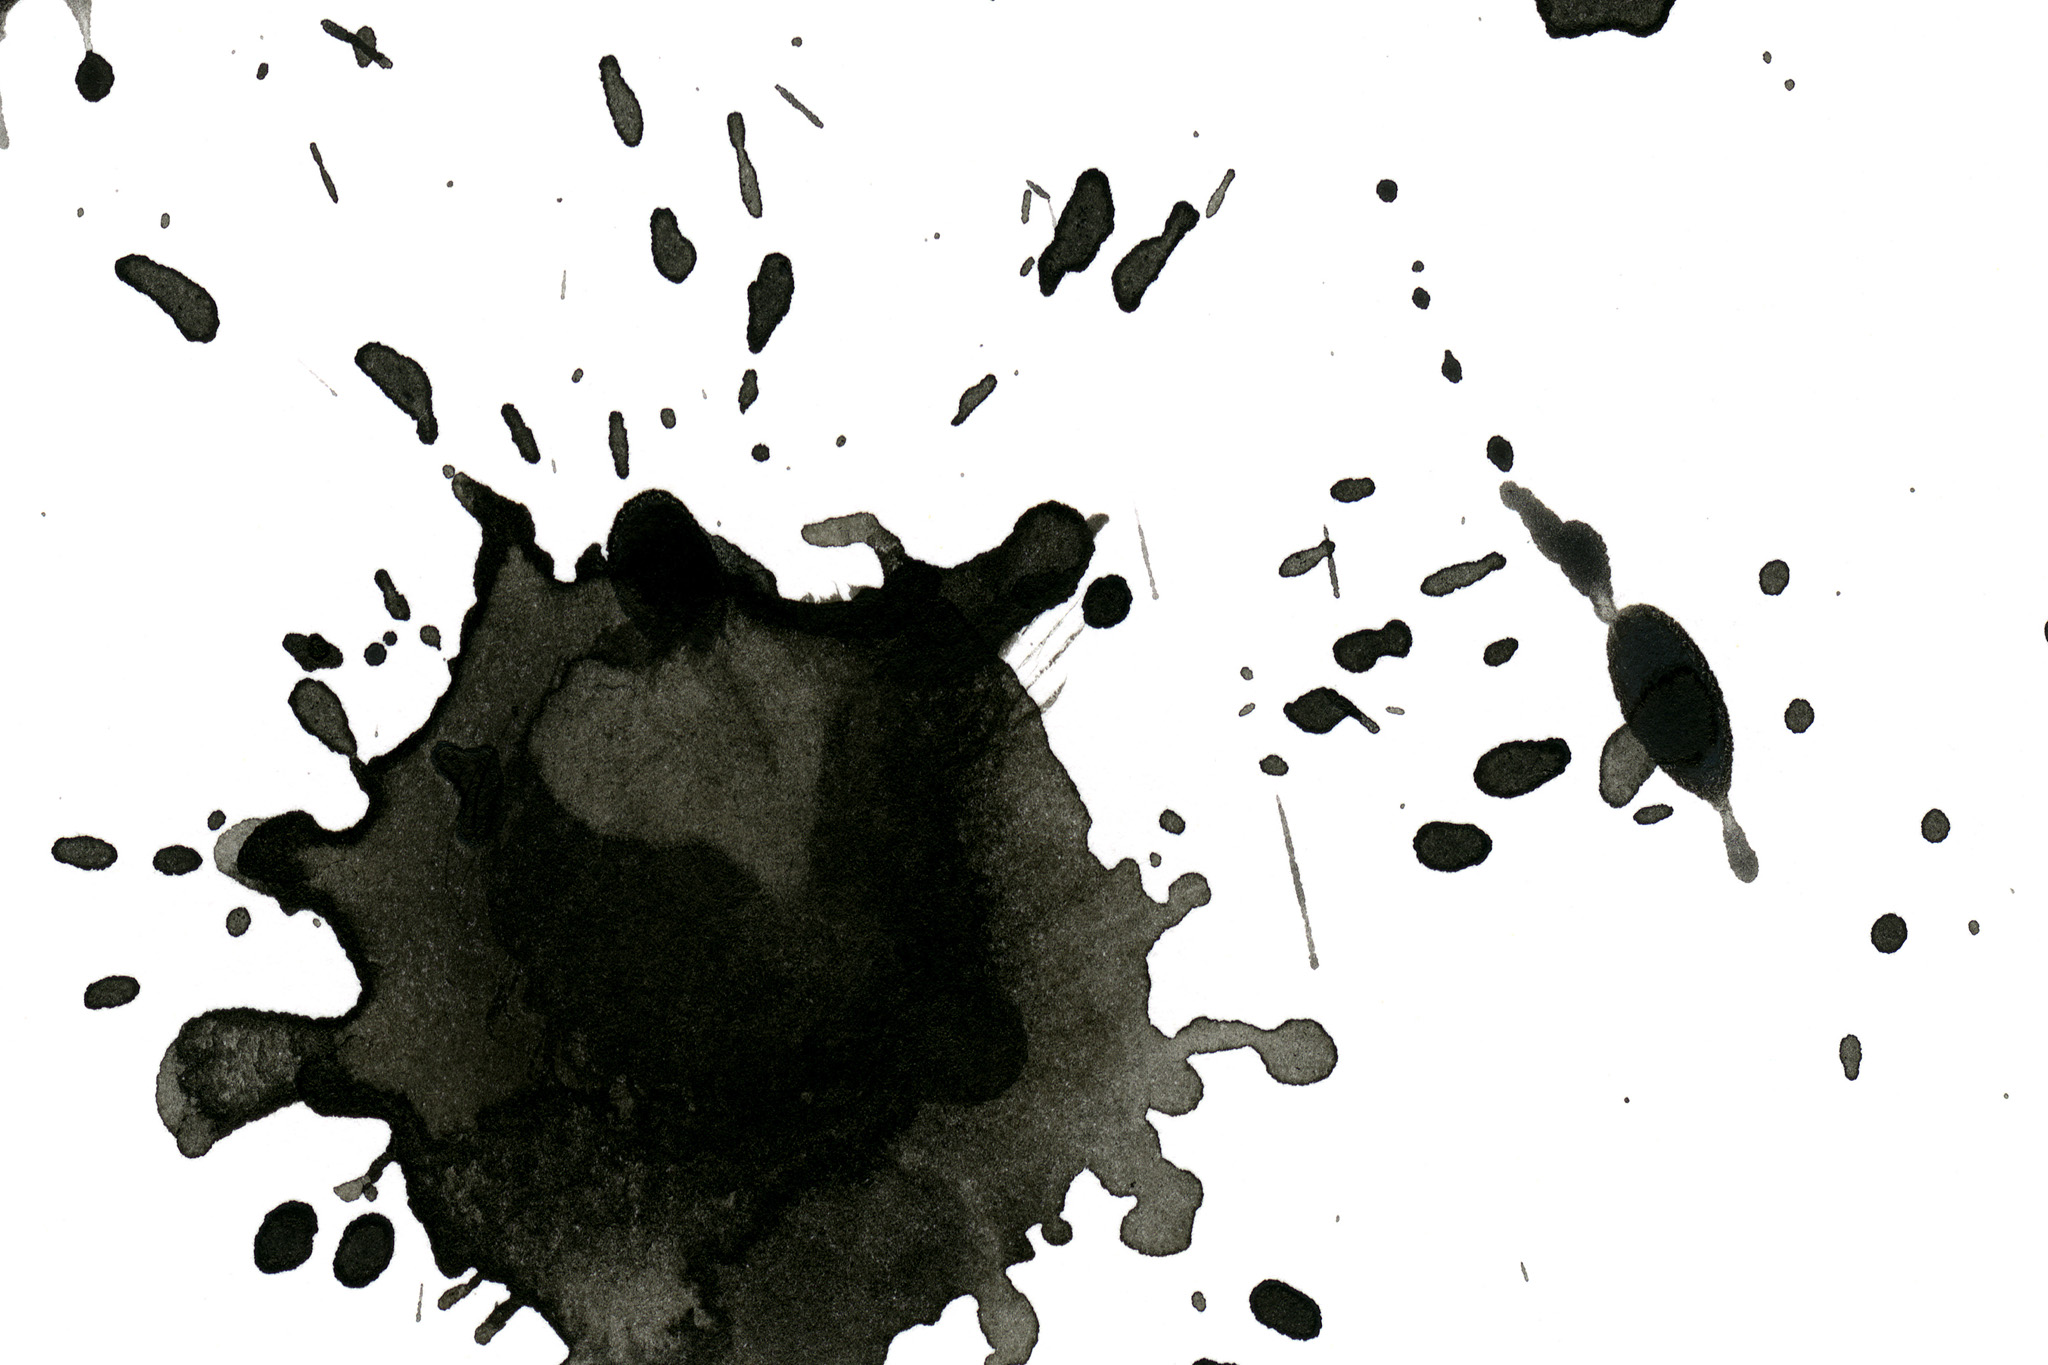 「黒い墨が飛び散ったテクスチャ」